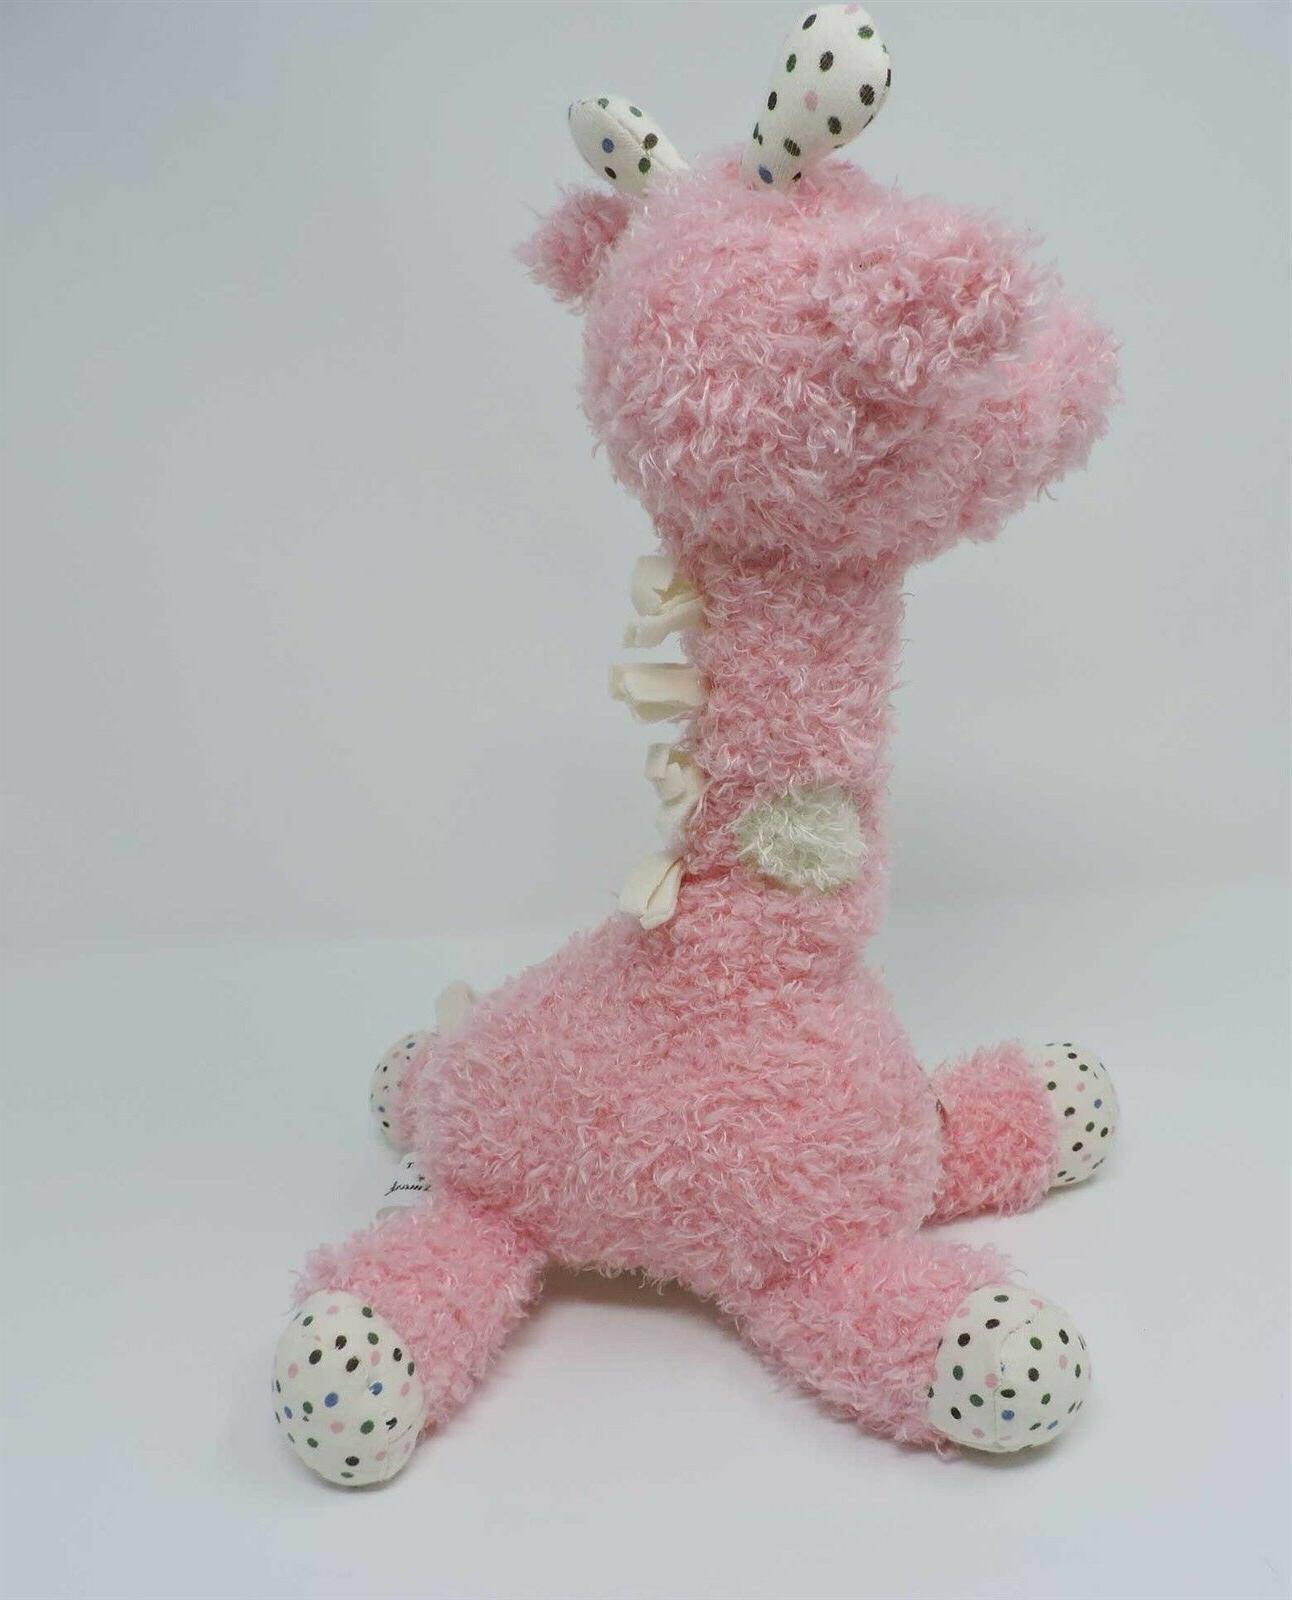 Hallmark Giraffe Plush Pink Polka Soft Eyes Toy Animal